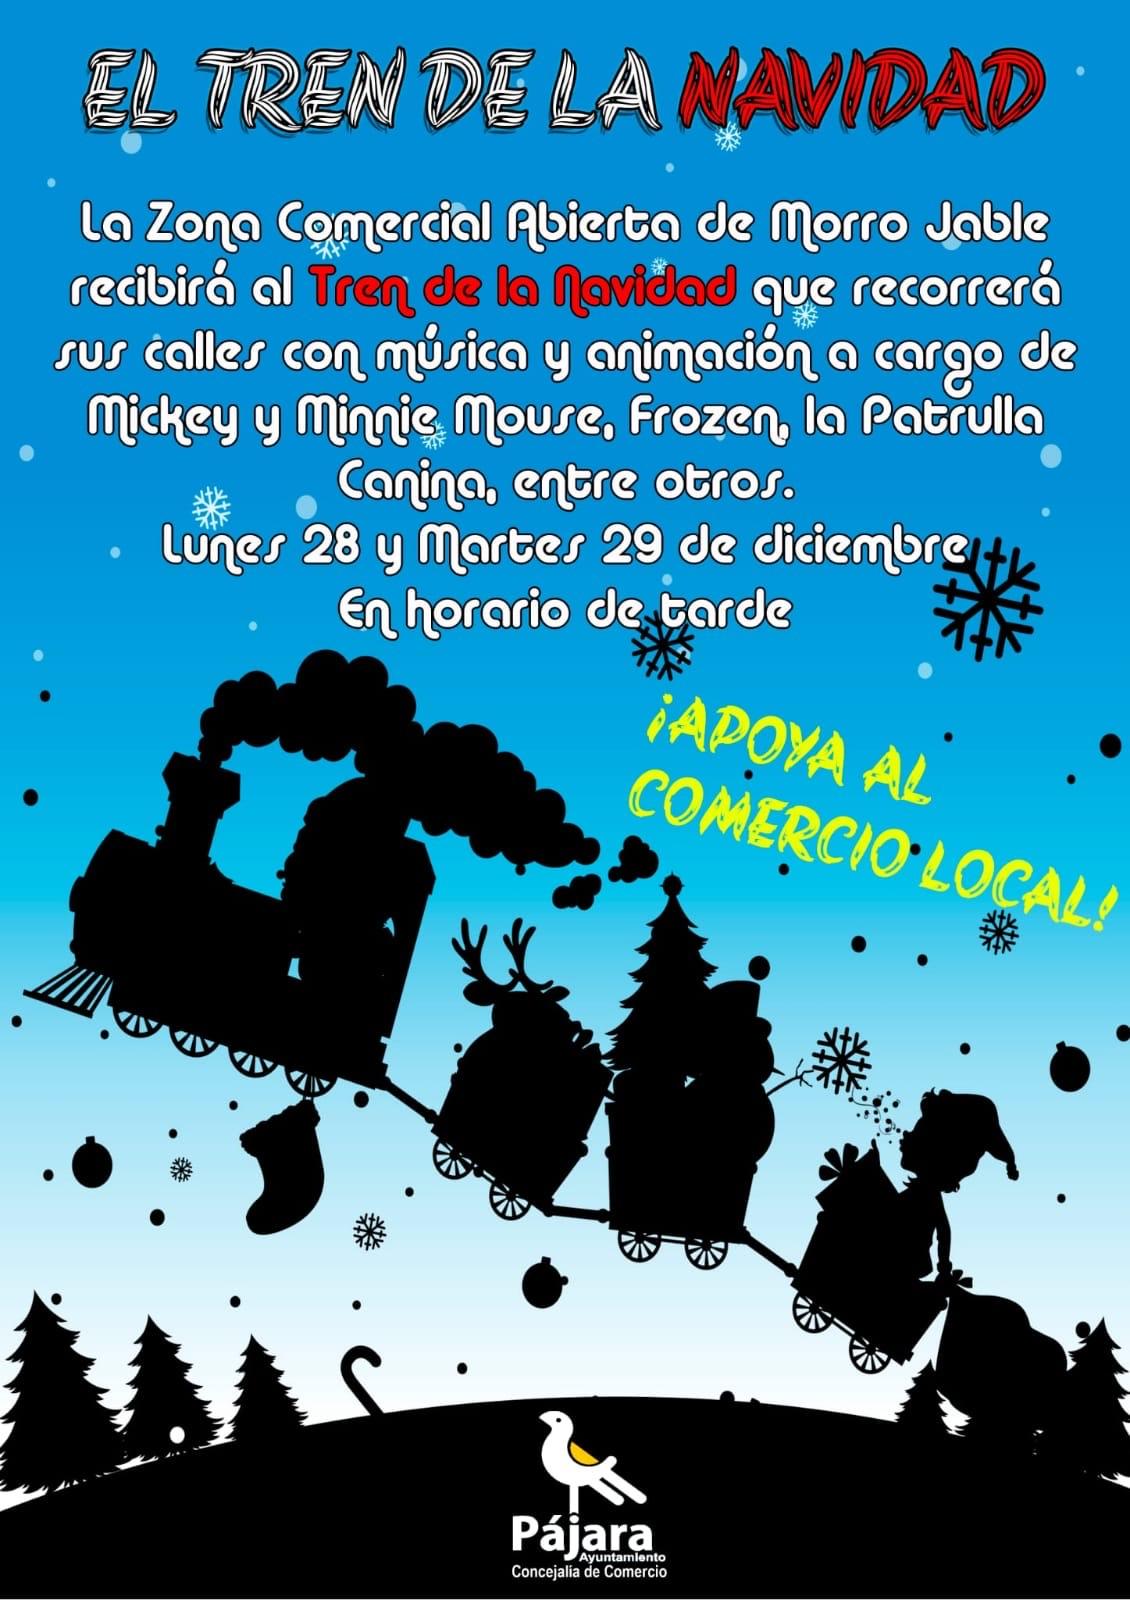 La Zona Comercial Abierta (ZCA) de Morro Jable recibirá durante las tardes de este lunes, 28 de diciembre, y del martes , 29 de diciembre, el Tren de la Navidad.